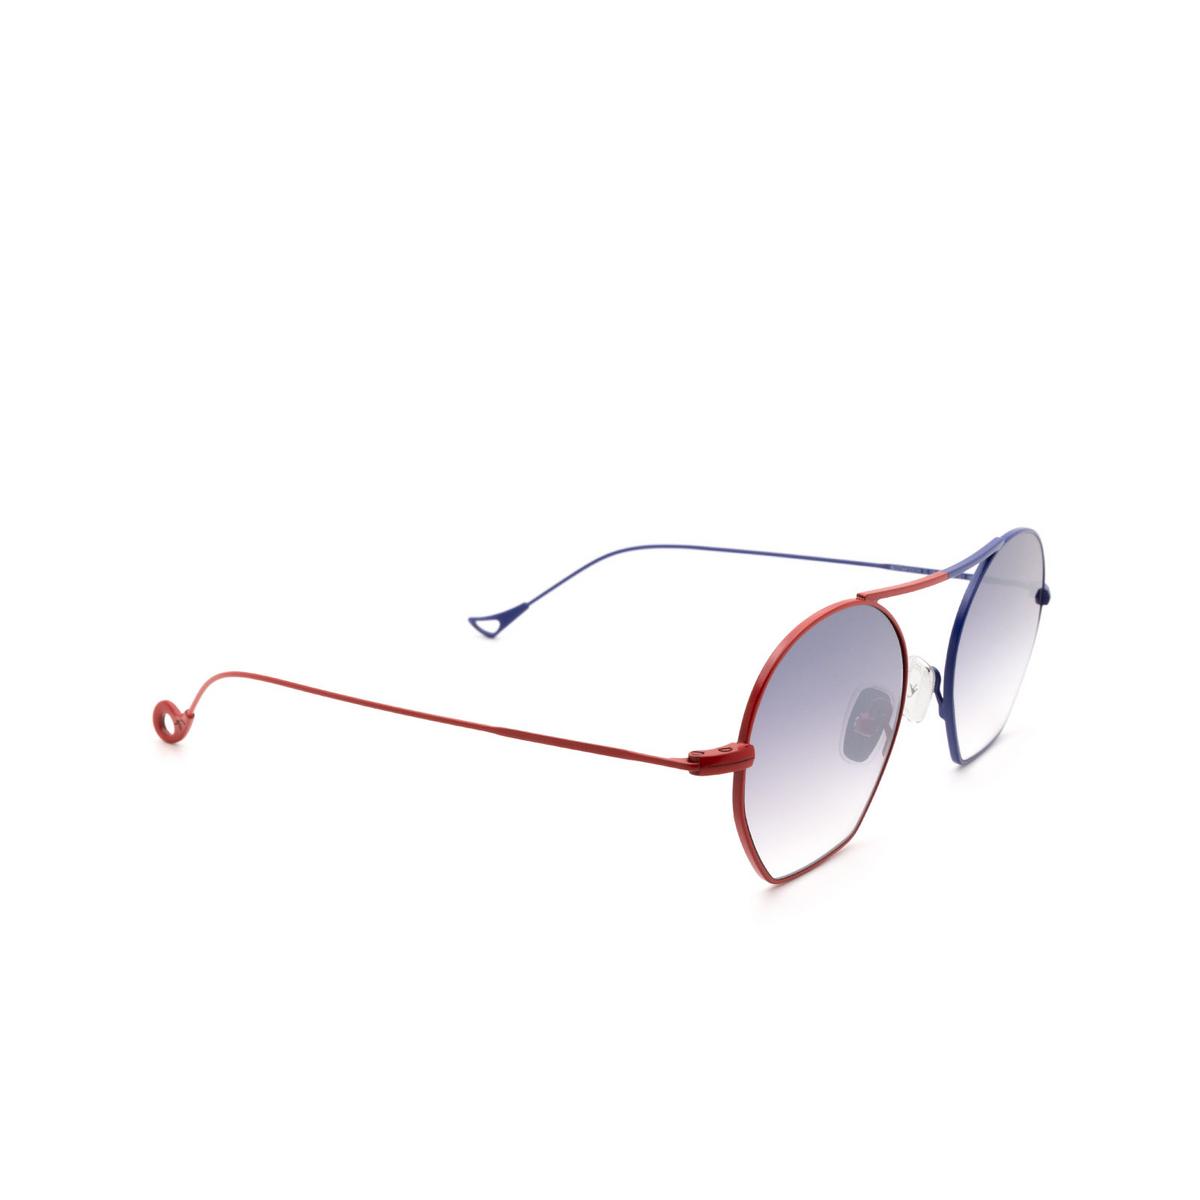 Eyepetizer® Irregular Sunglasses: Botafoch color Red & Blue C.18-27F - three-quarters view.